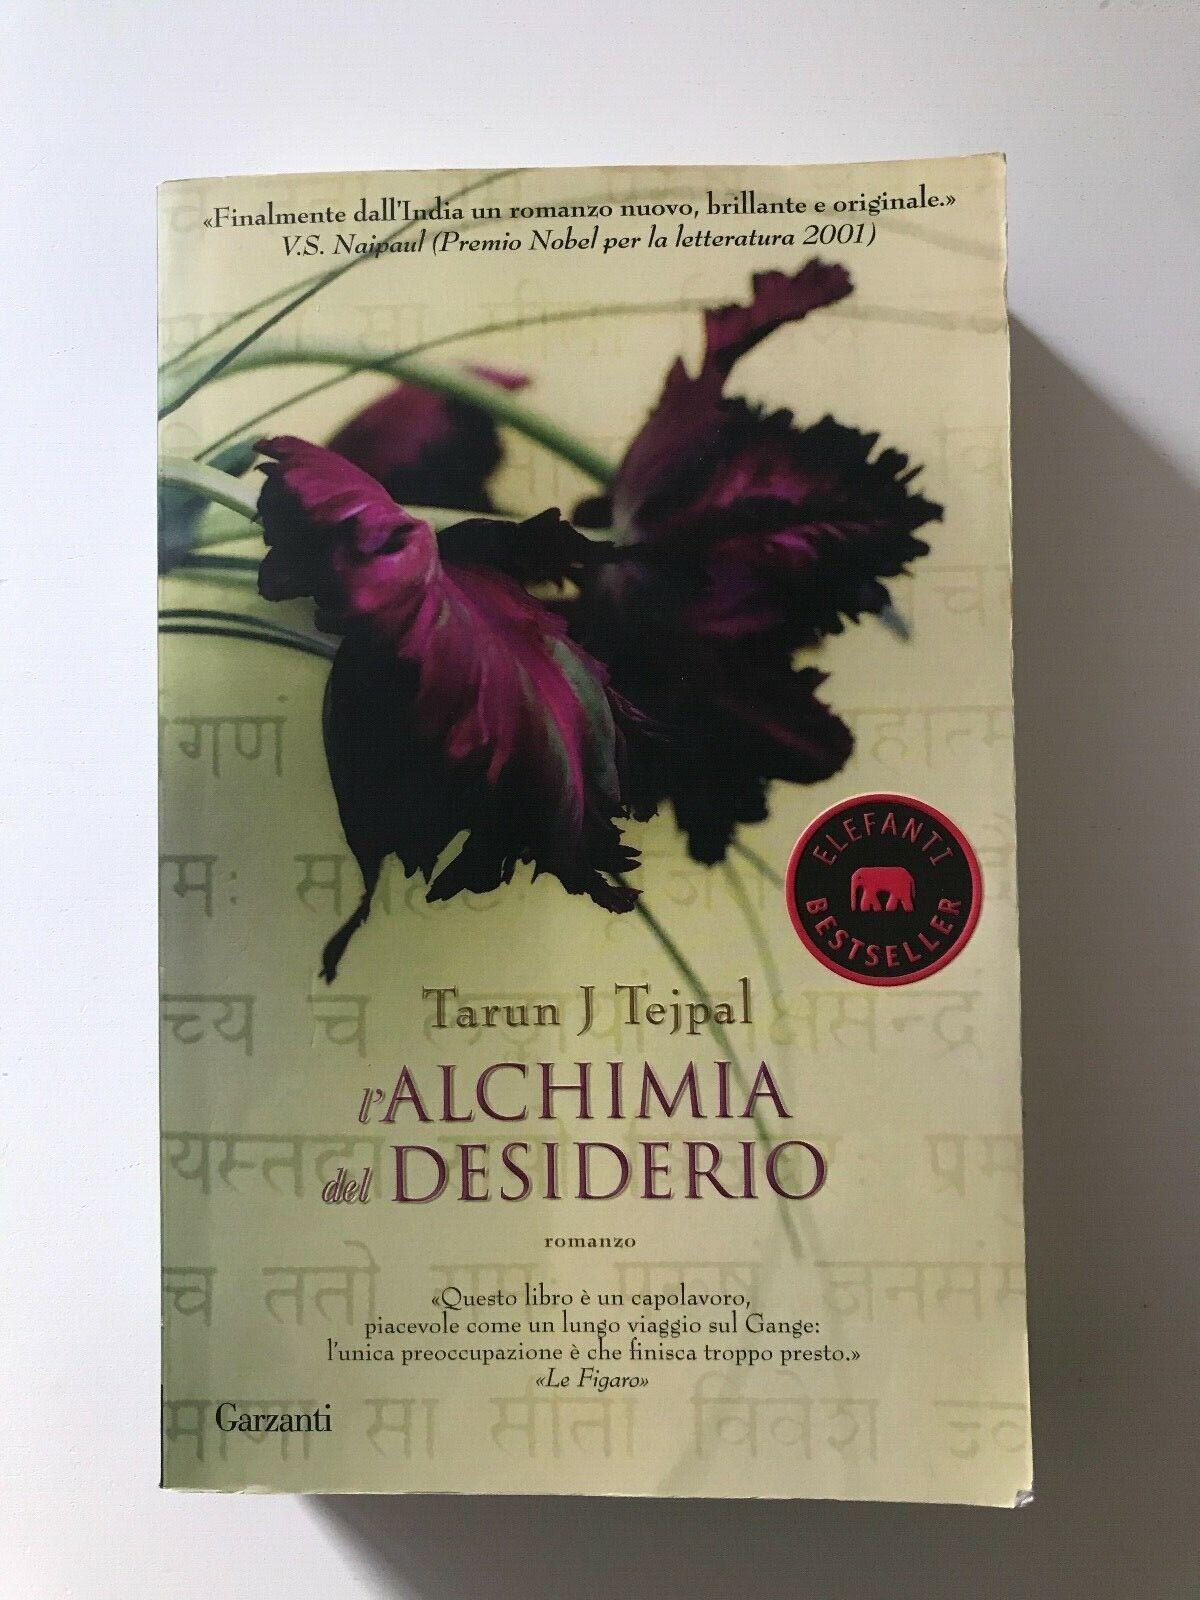 L'ALCHIMIA DEL DESIDERIO - Tarun J Tejpal